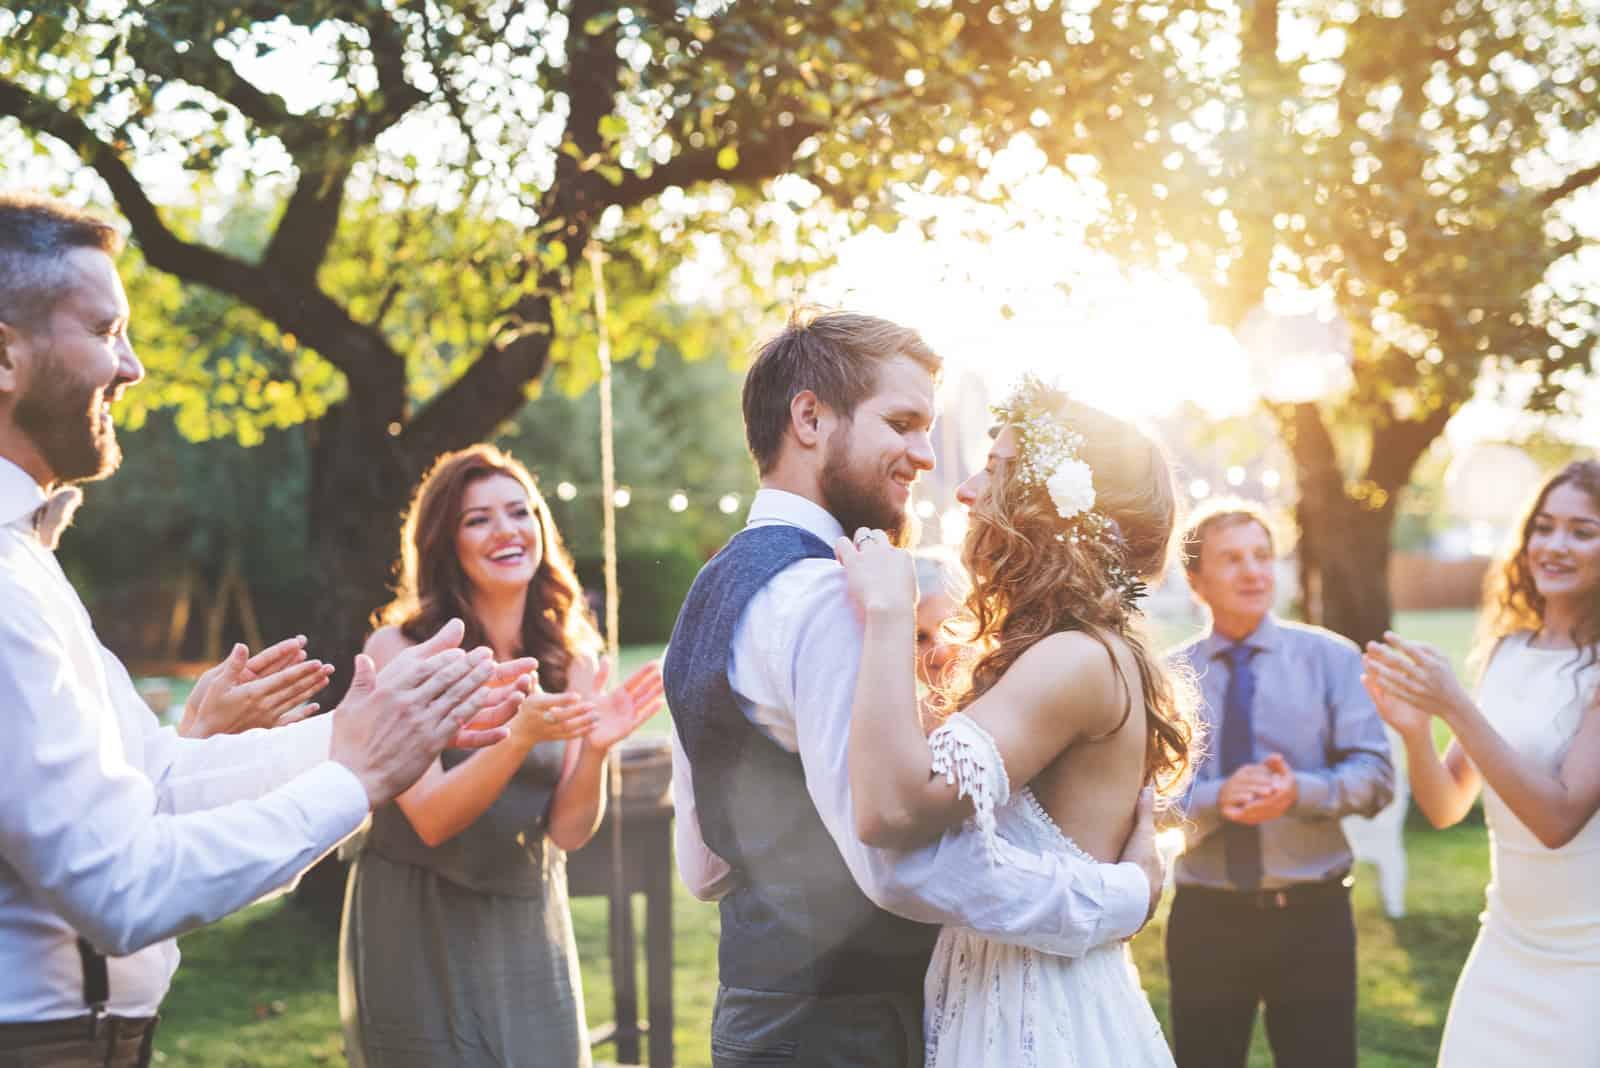 Braut und Bräutigam tanzen auf Hochzeitsempfang